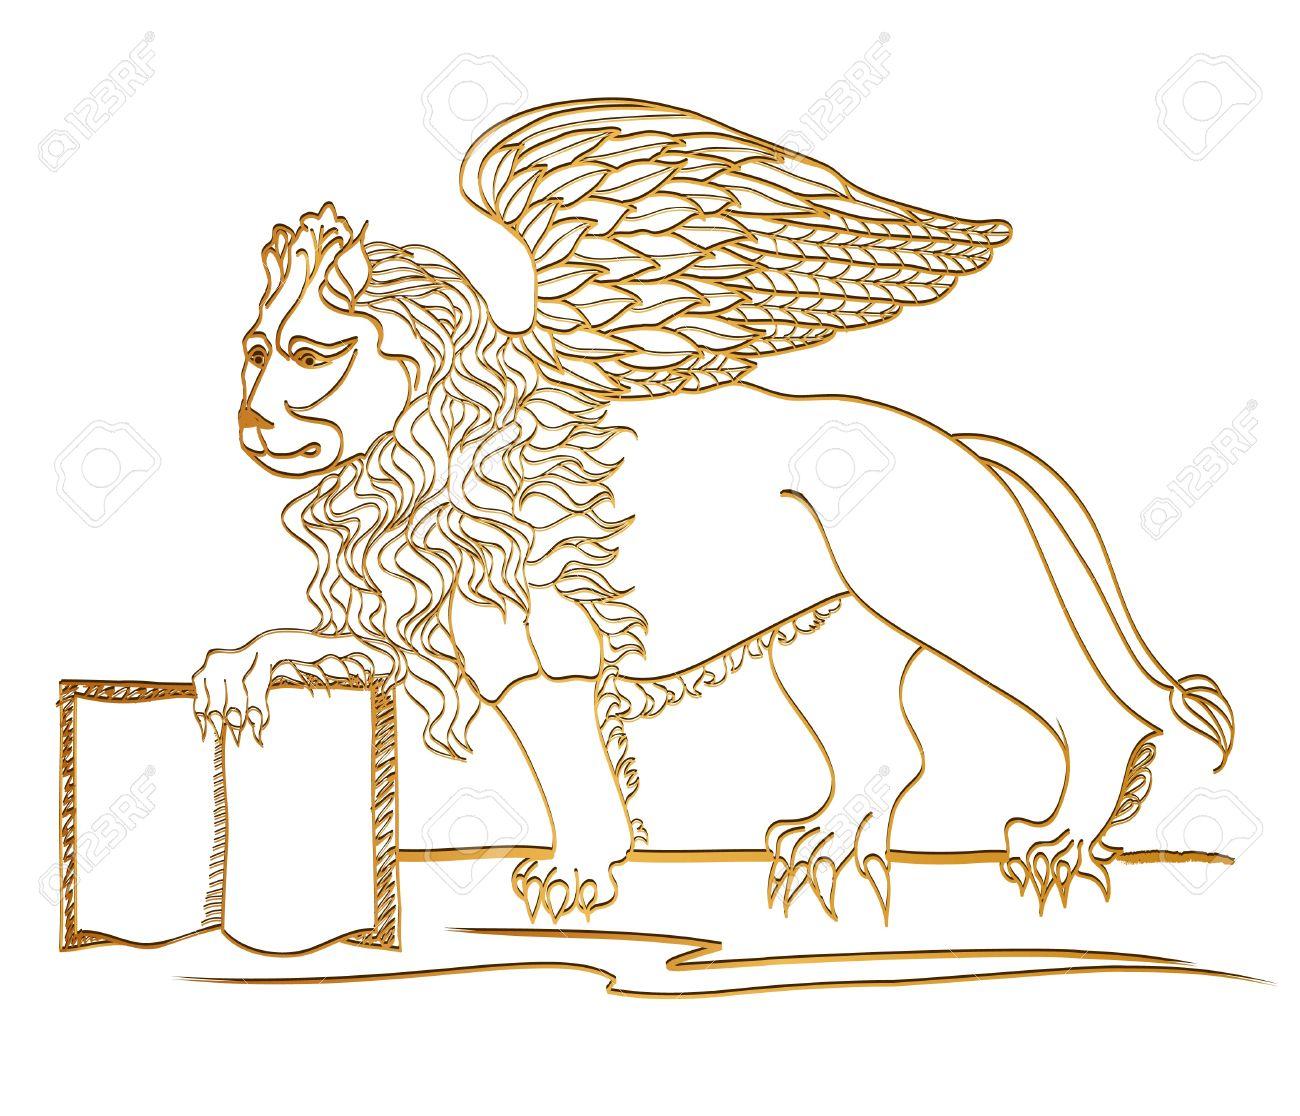 Winged Lion, Scultura D'oro, Simbolo Di San Marco, Venezia Clipart.